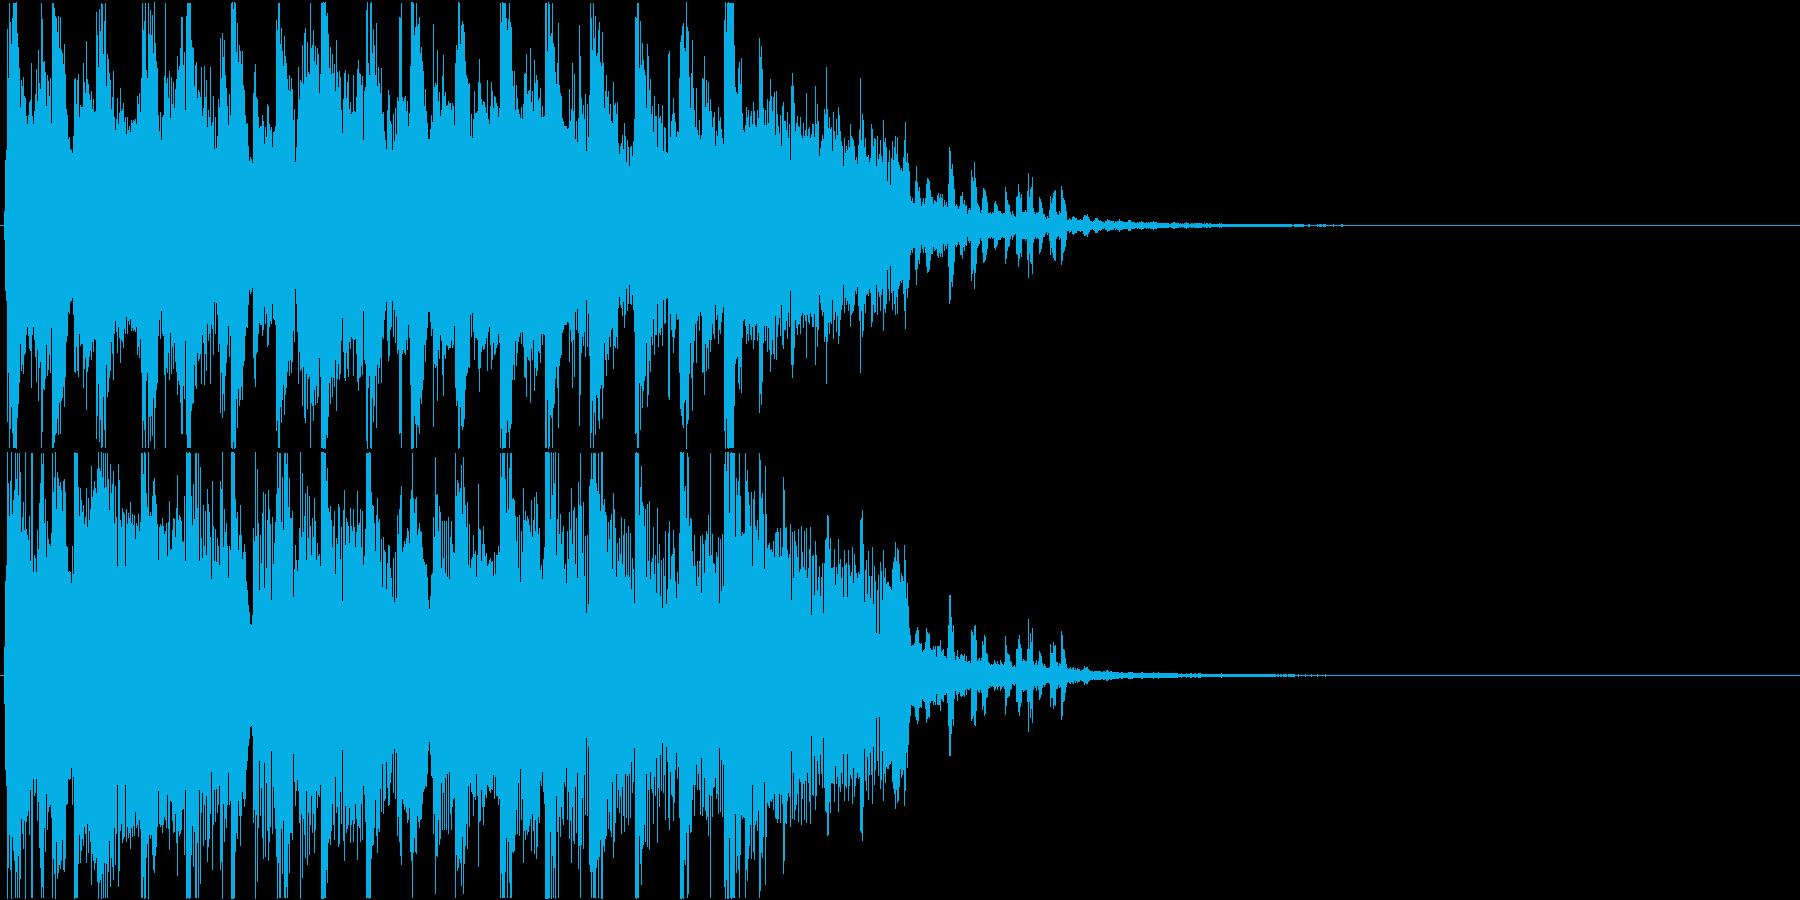 クール・エモい雰囲気のEDMなジングルの再生済みの波形